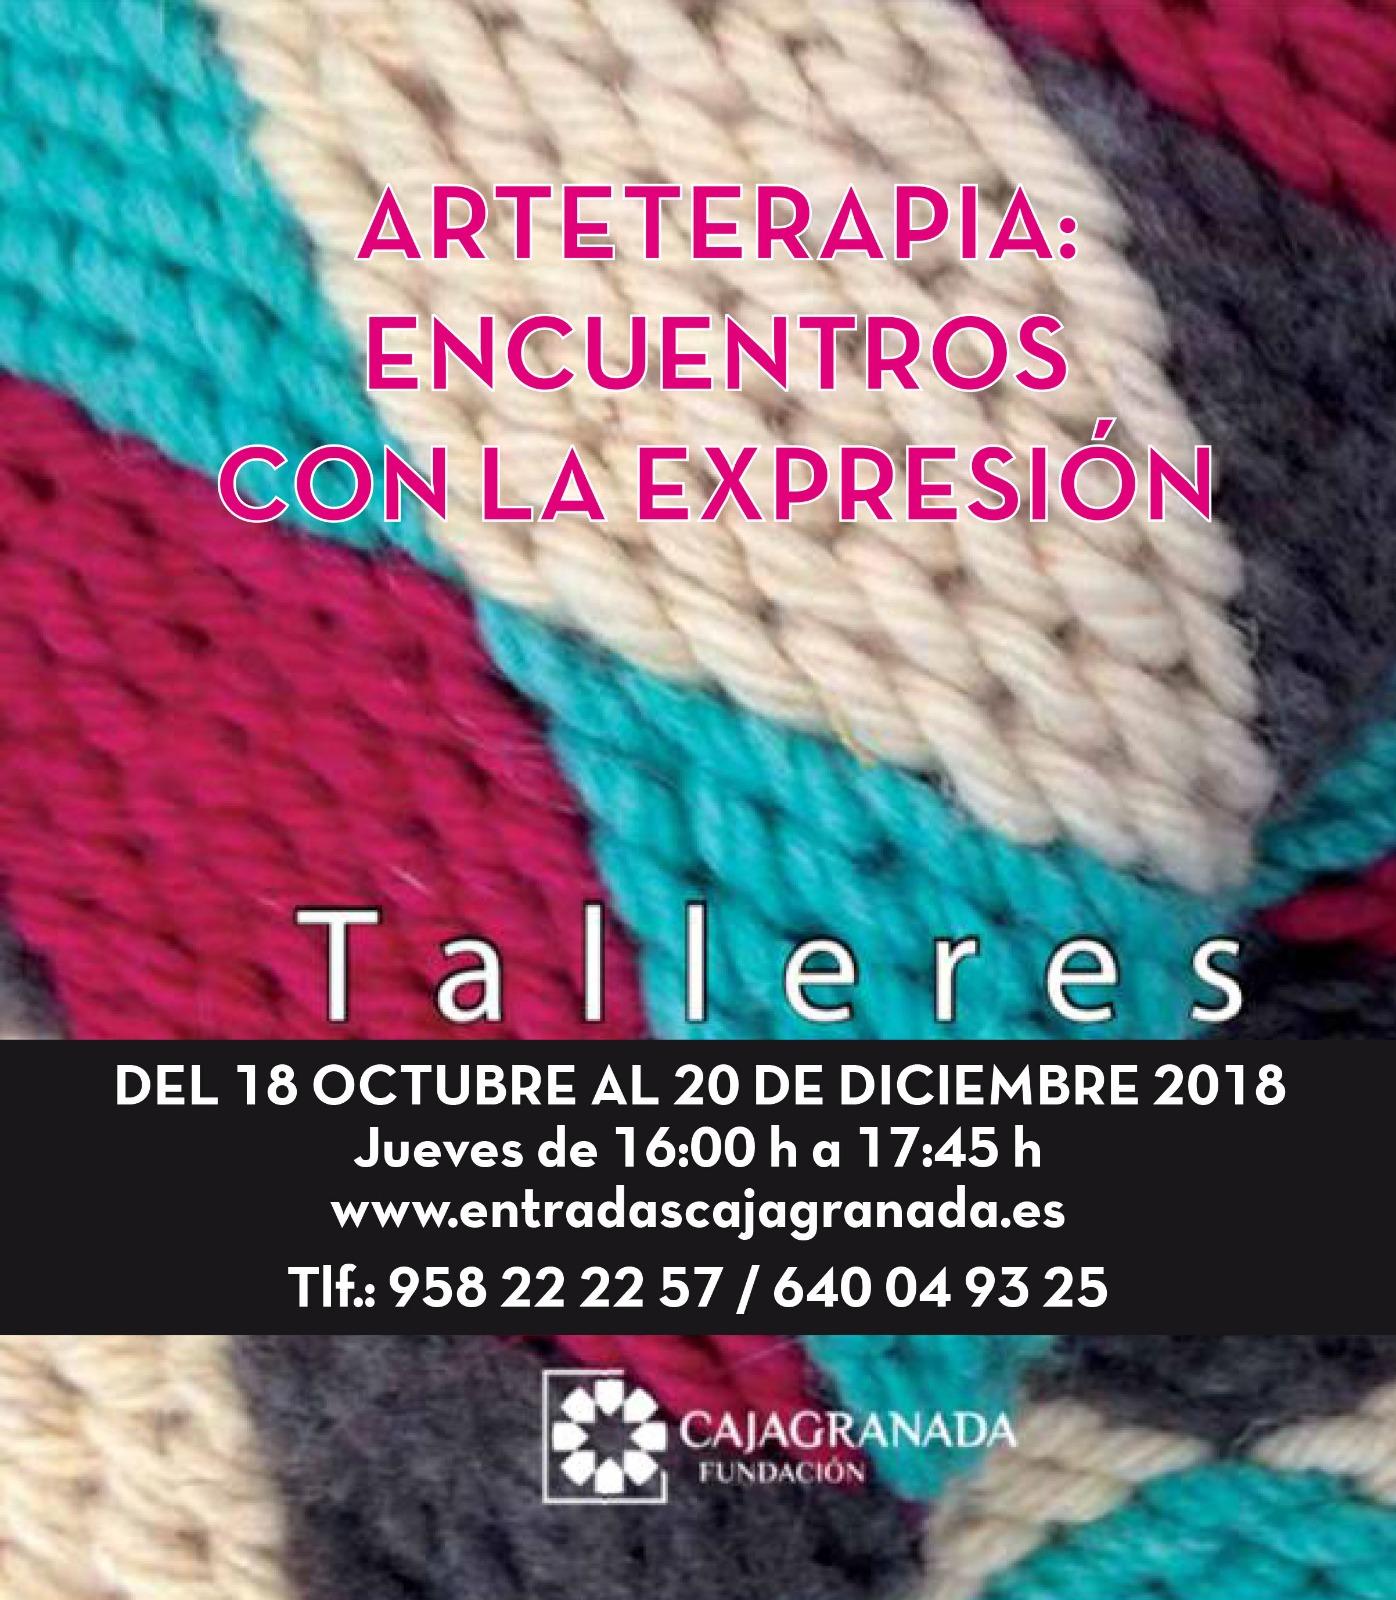 Arteterapia Mueso de la Memoria de Andalucía. Caja Granada